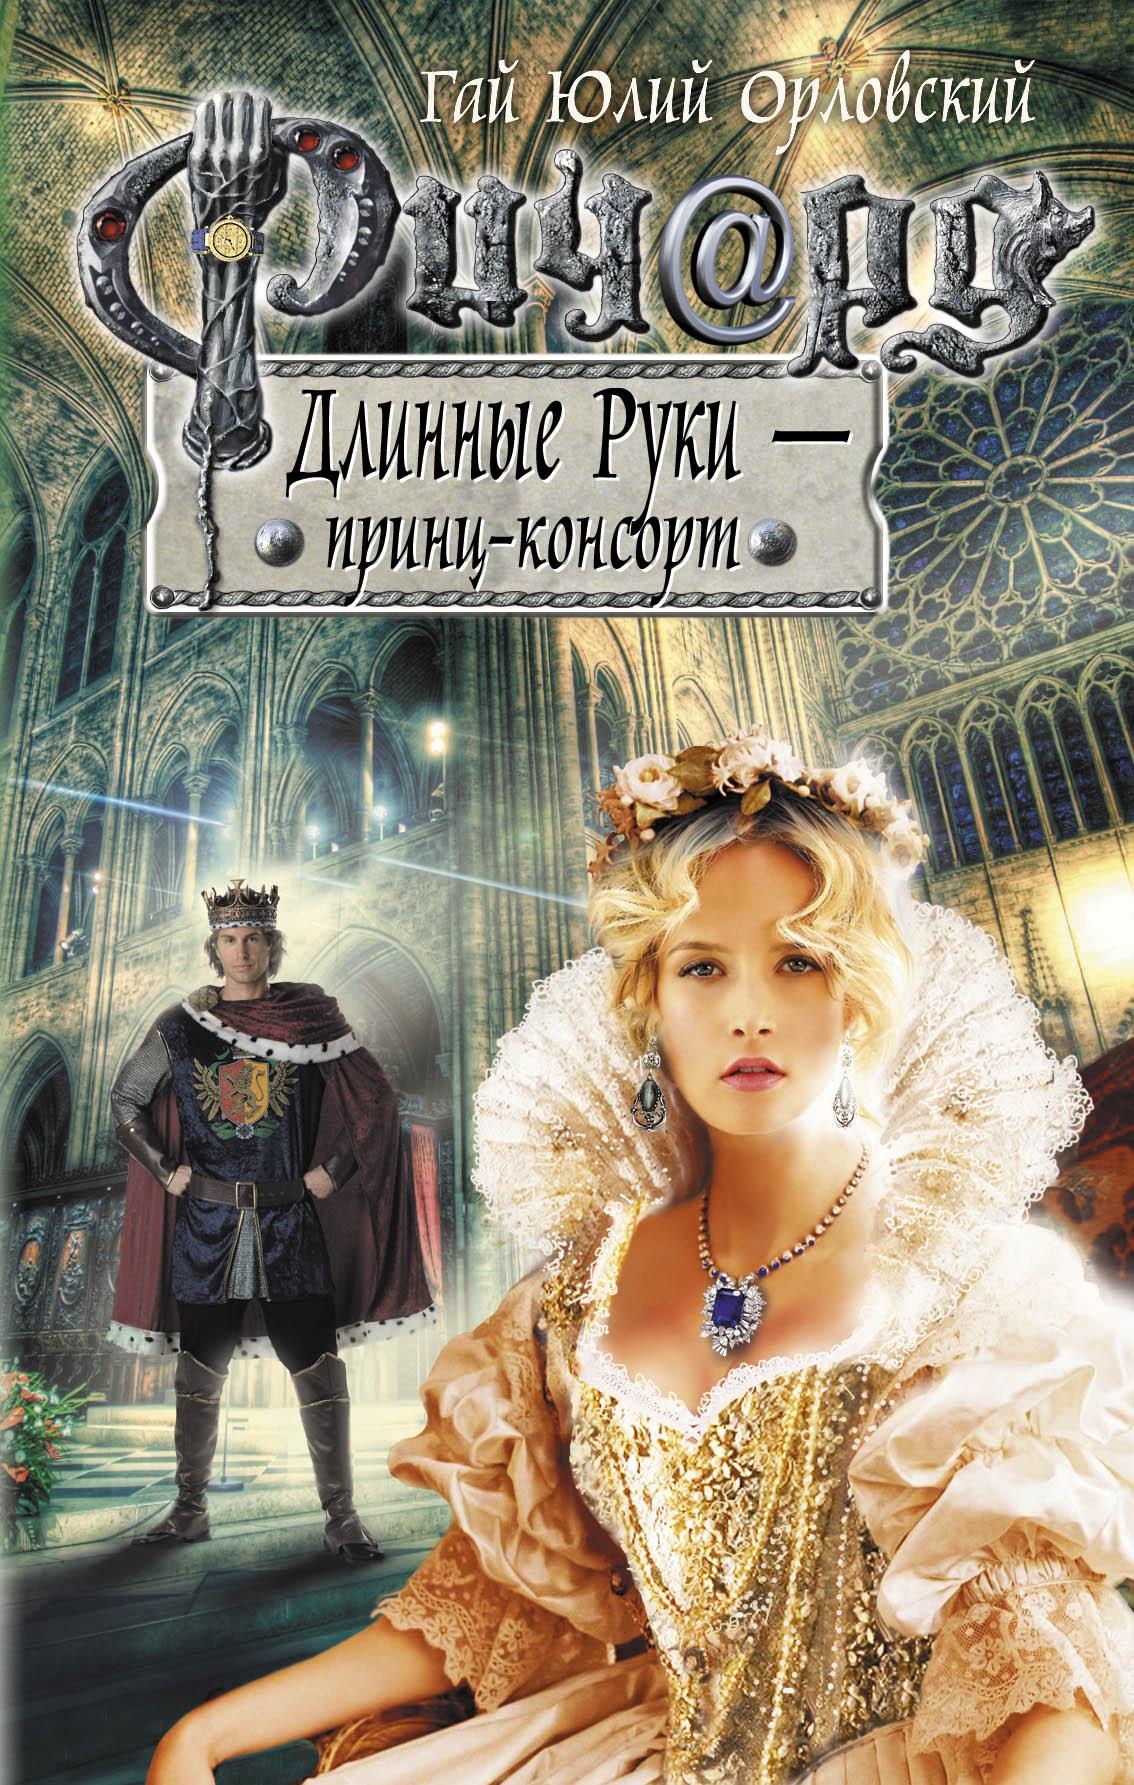 http://fantasy-worlds.org/img/full/176/17631.jpg